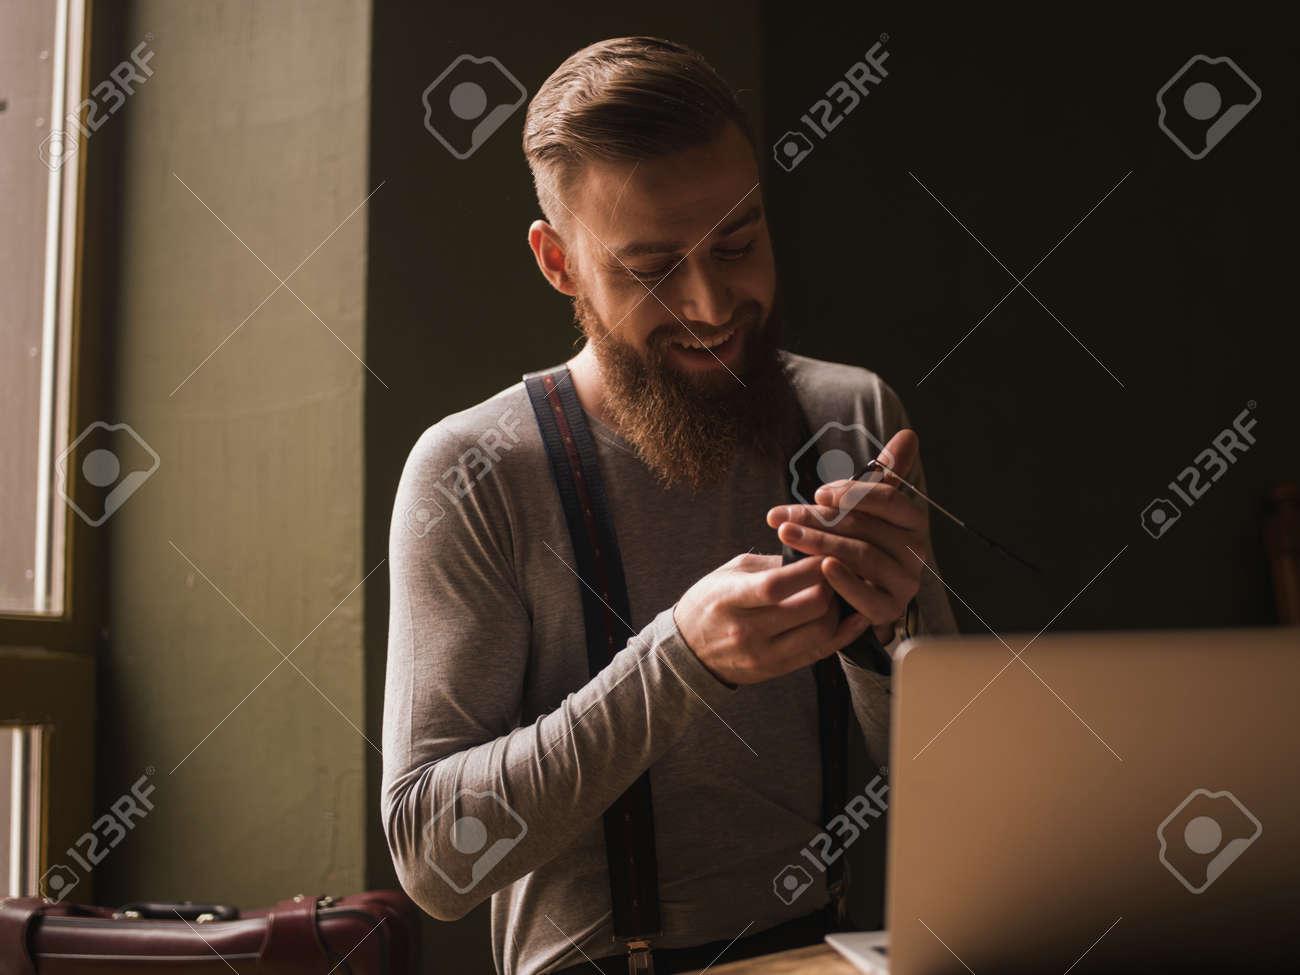 qualità le più votate più recenti shopping Waist fino Ritratto di uomo con la barba in stile retrò abbigliamento. Sta  pulendo gli occhiali e sorridente. L'uomo è seduto vicino al computer ...